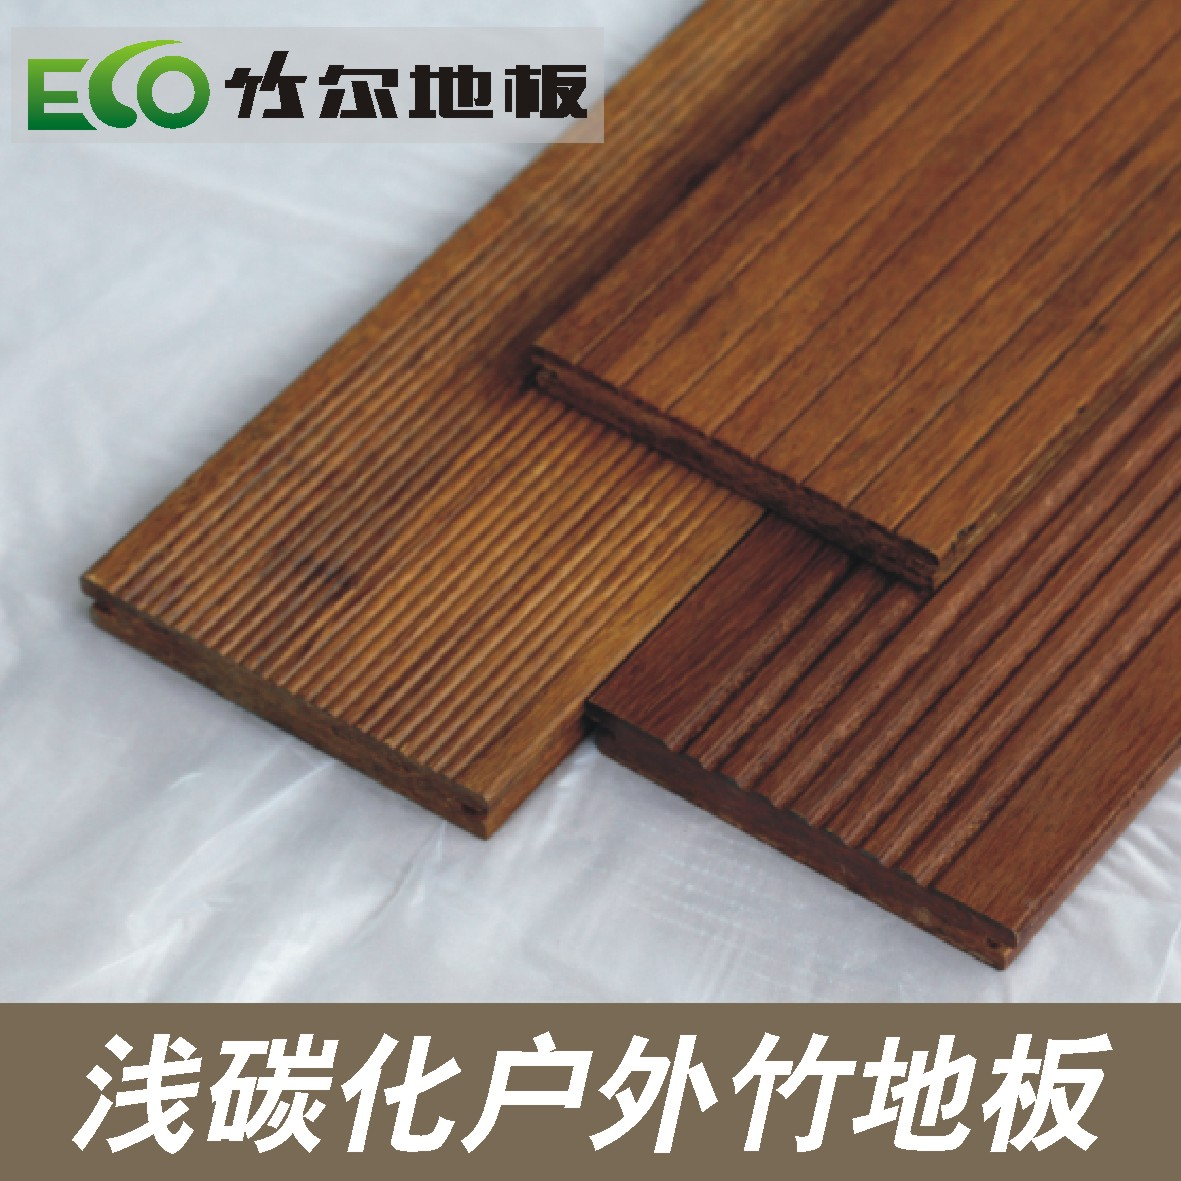 [ выход ] мелкий обуглевание на открытом воздухе вес бамбук этаж на открытом воздухе антикоррозийный этаж на открытом воздухе вес бамбук этаж бамбук этаж